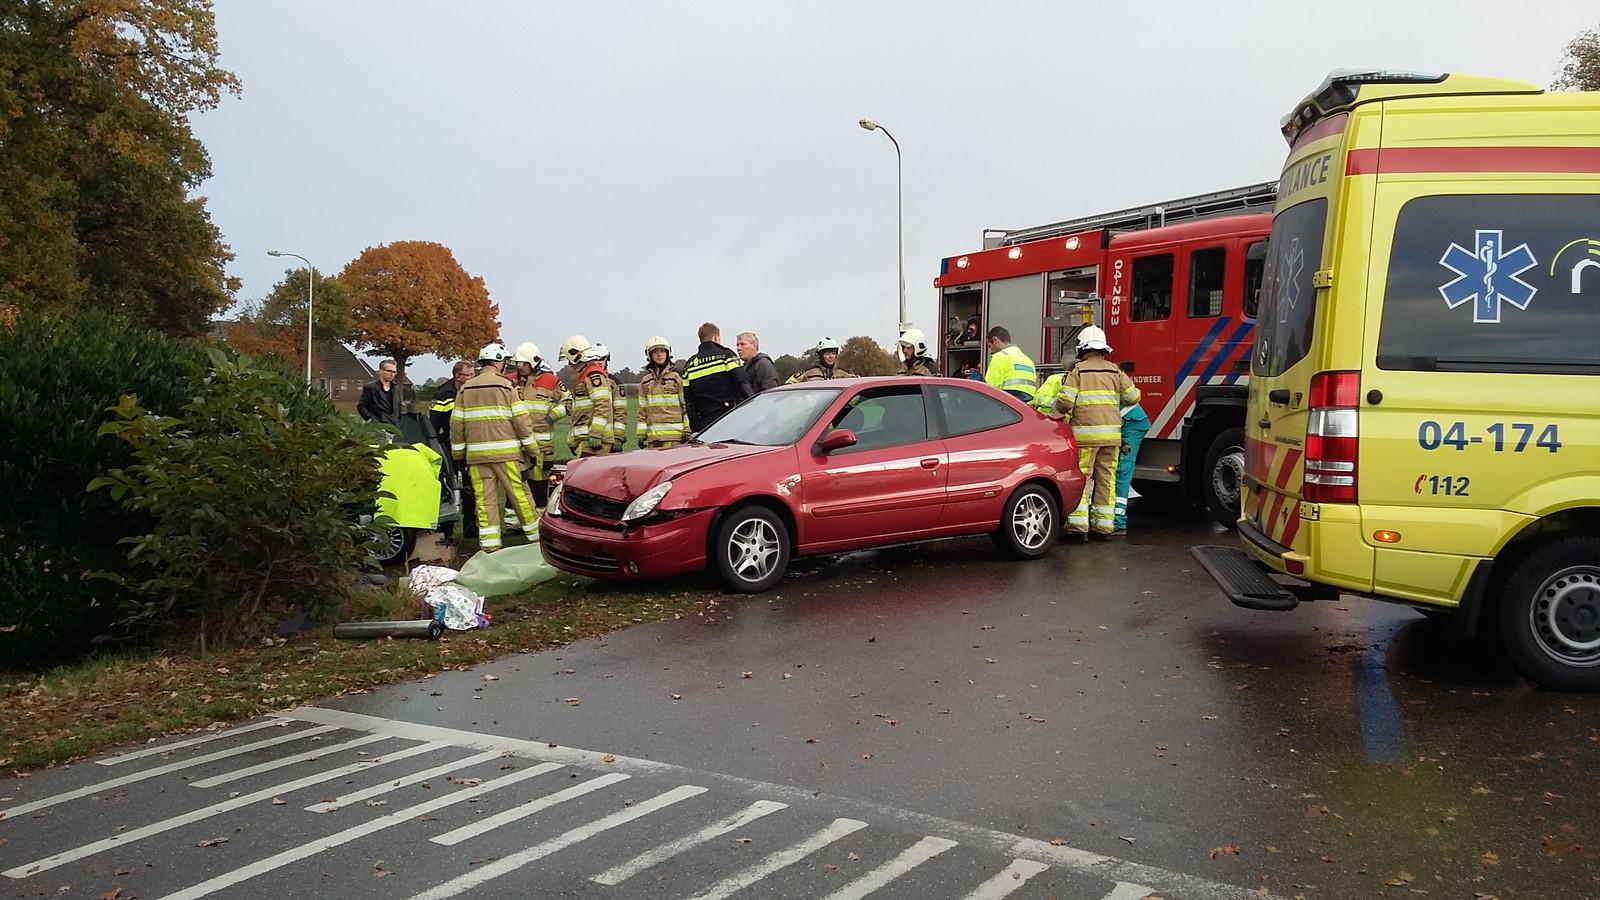 Het andere voertuig dat bij de aanrijding betrokken was. Foto: Benny Koerhuis